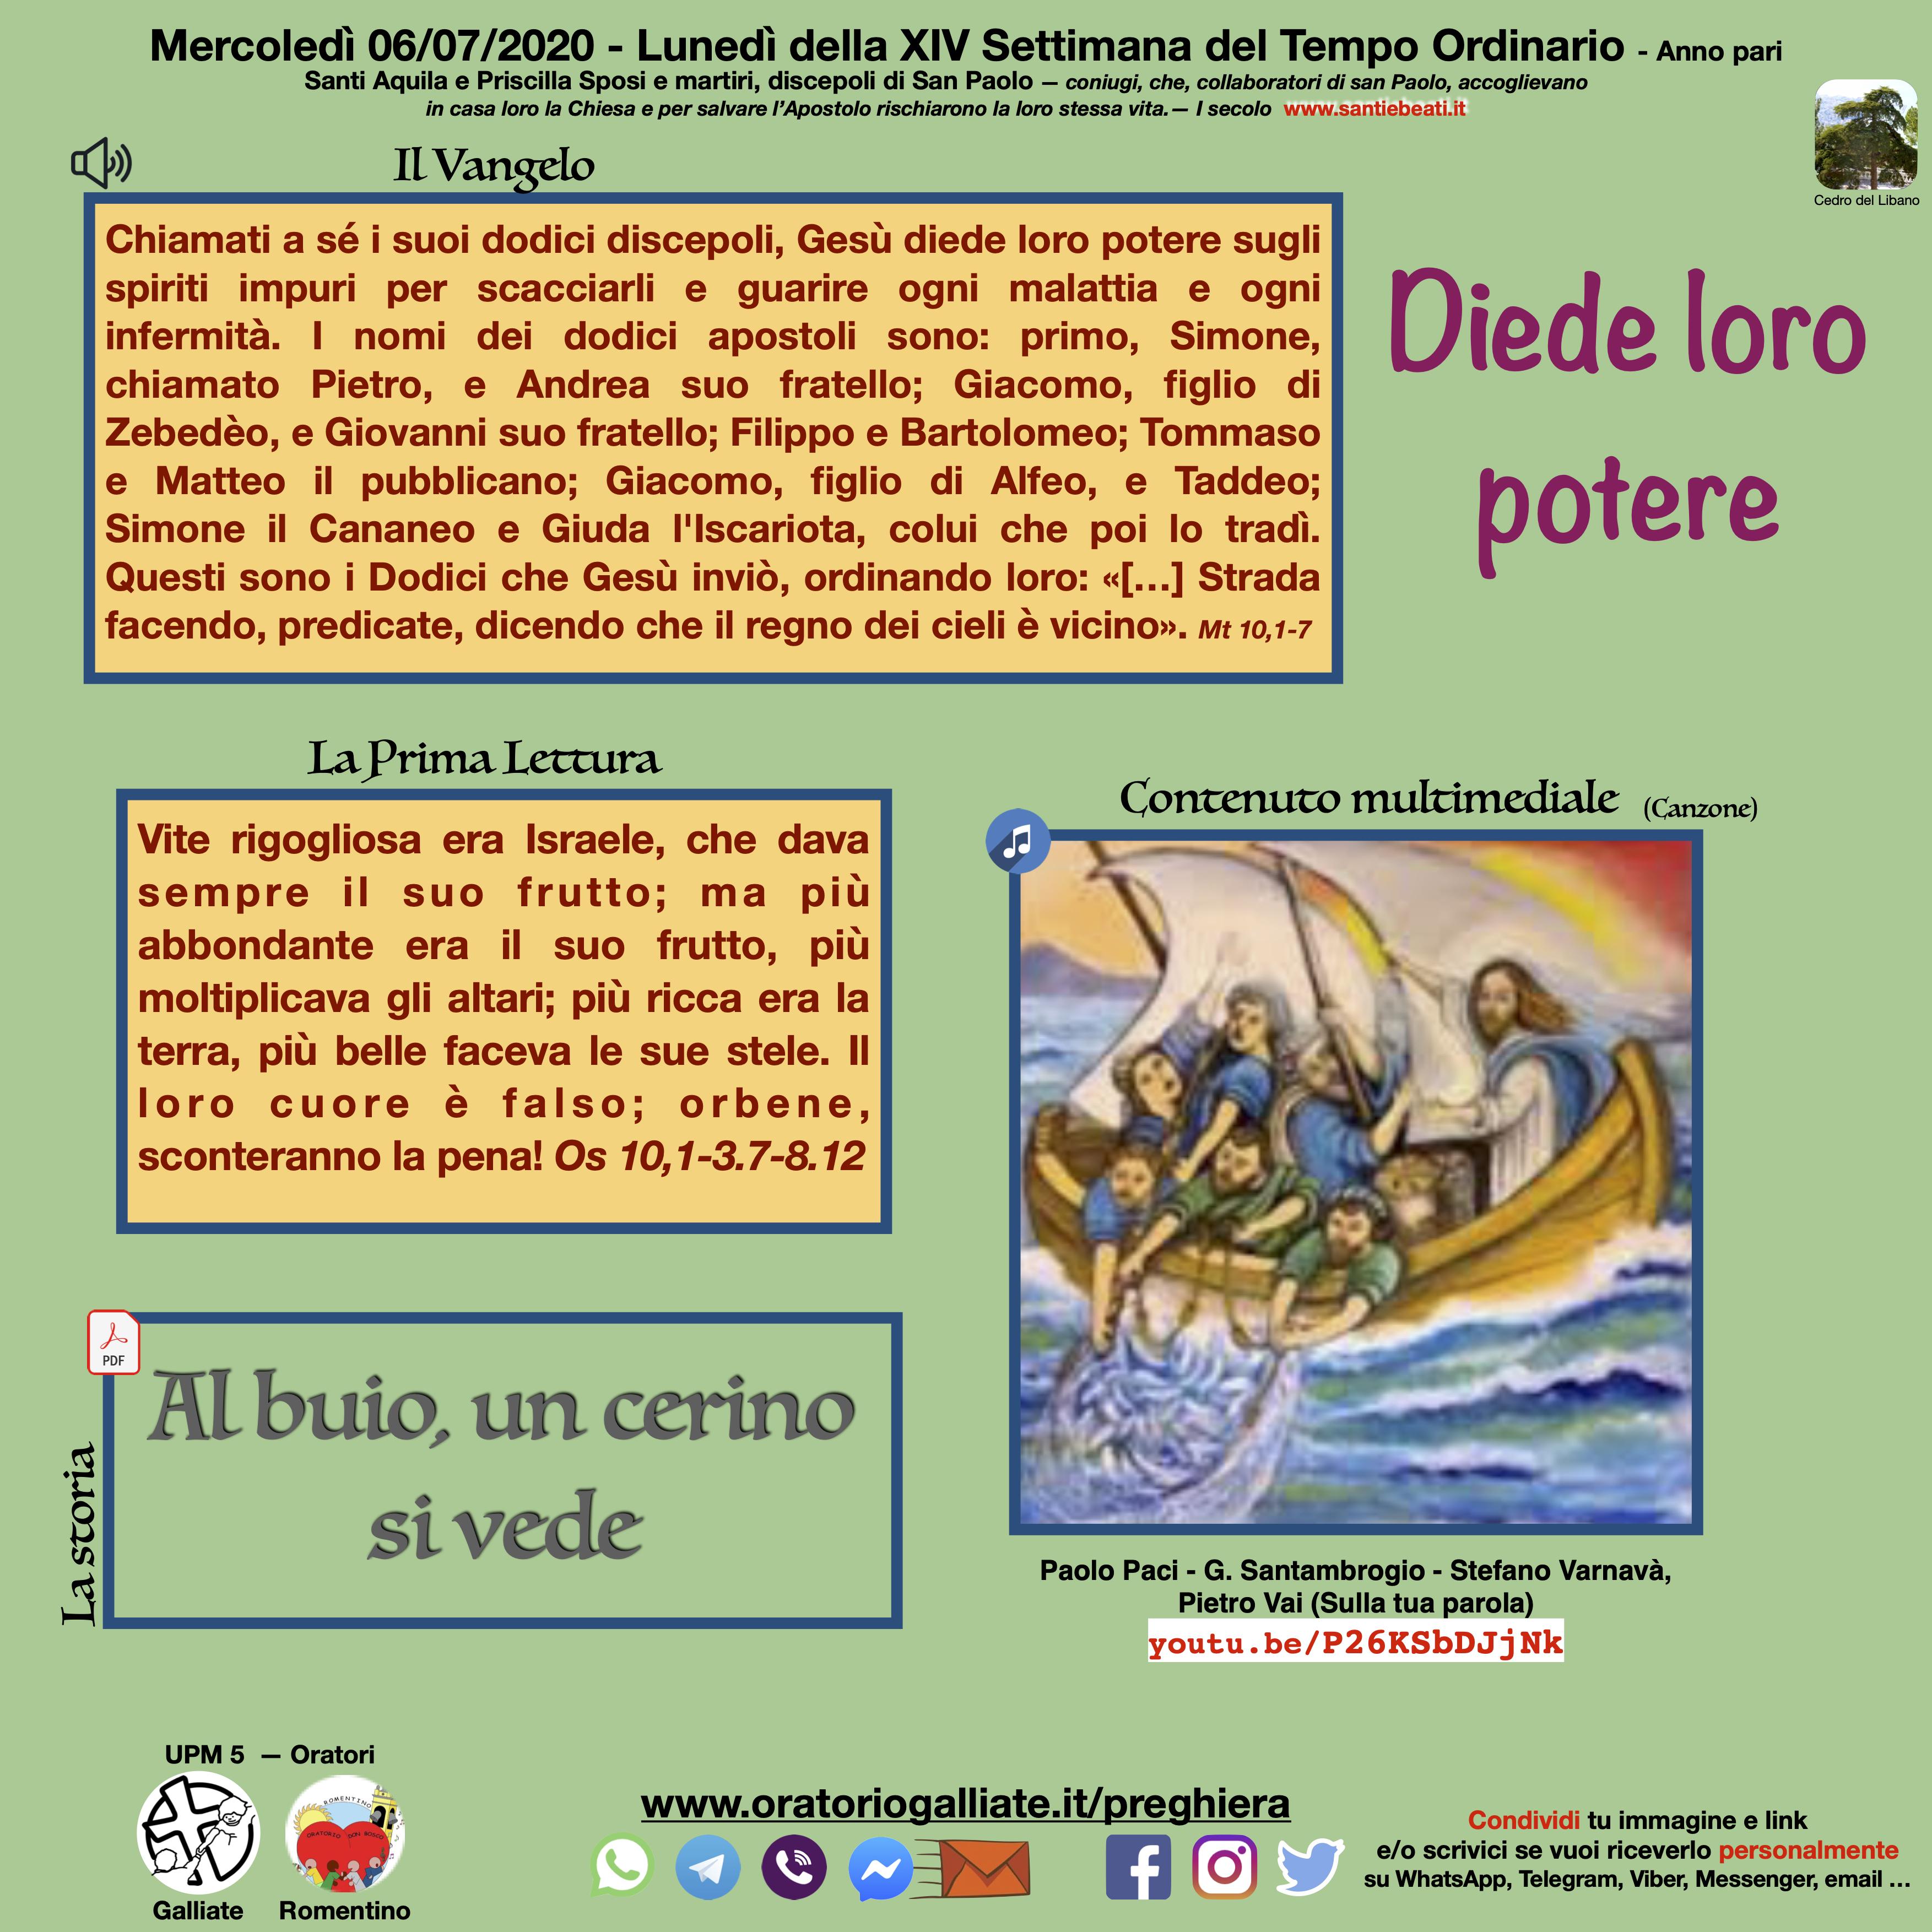 Prg200708-Ordinario